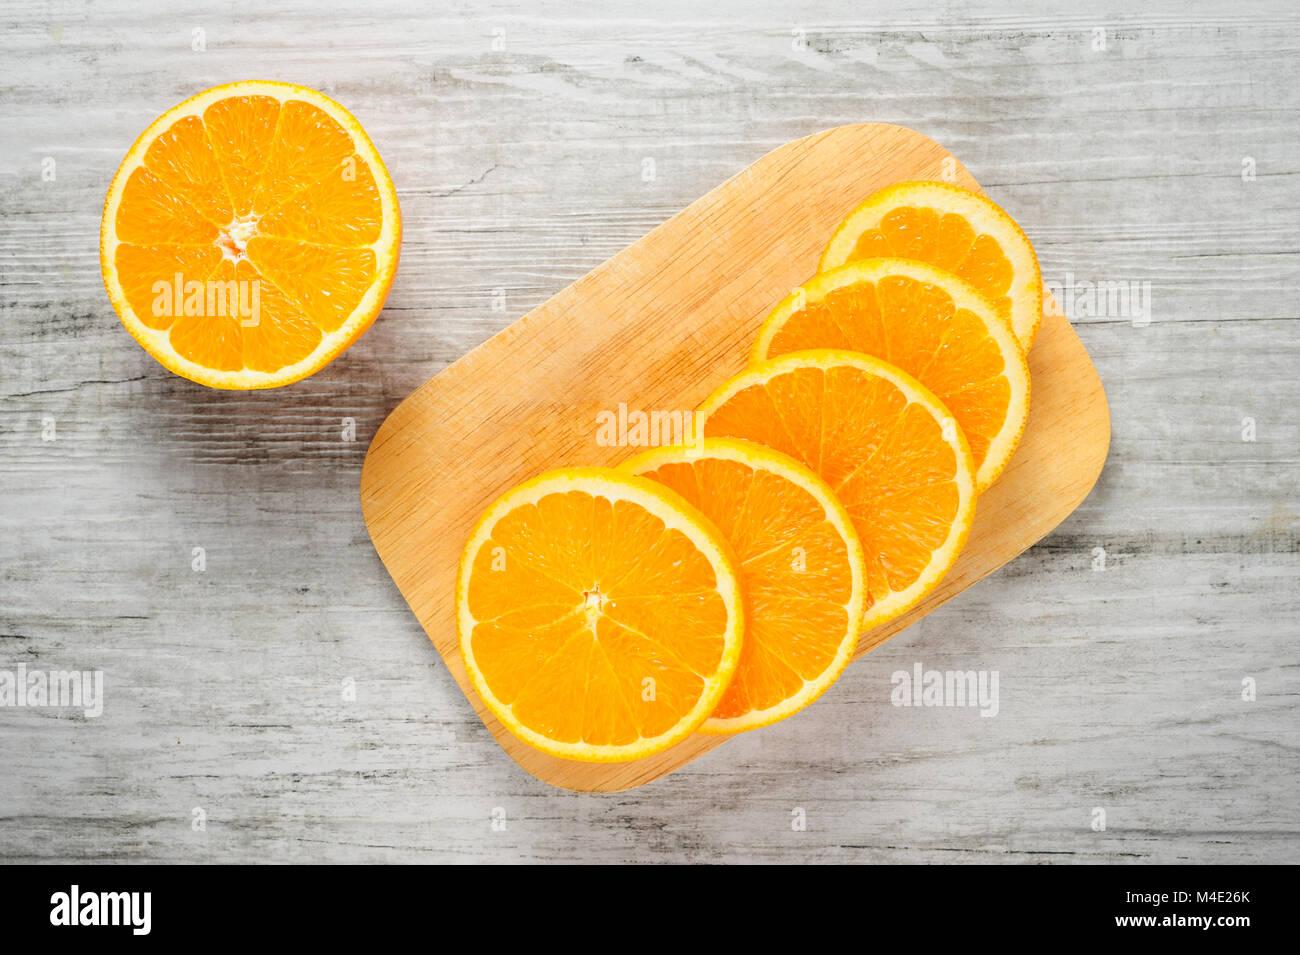 Slices of fresh oranges on white wood background - Stock Image